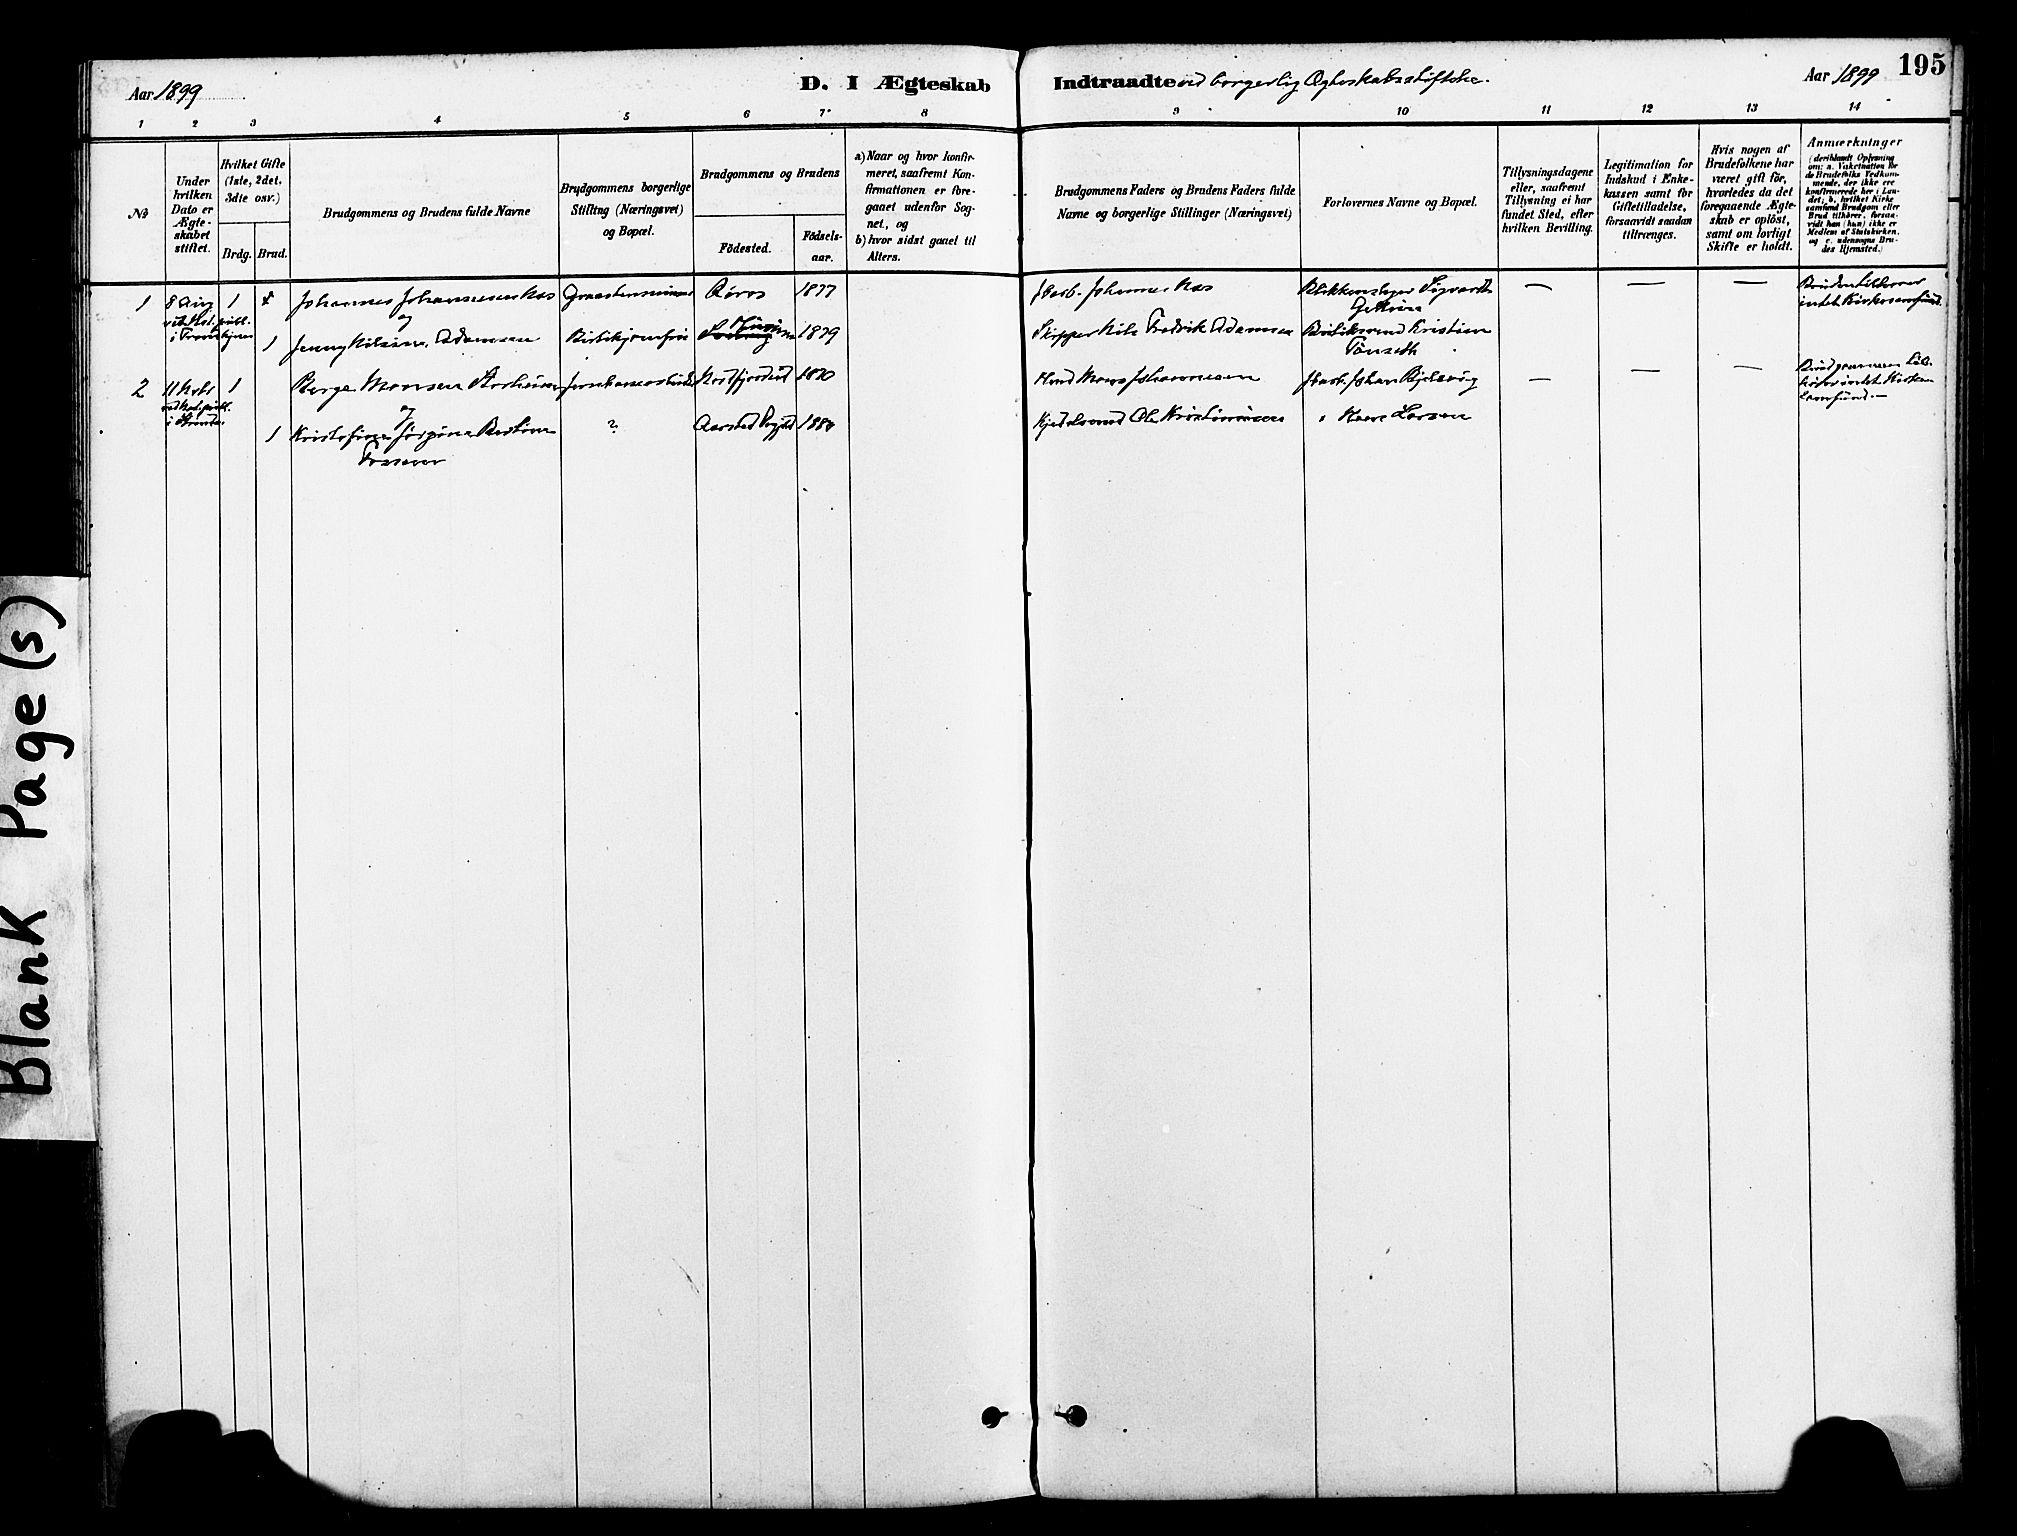 SAT, Ministerialprotokoller, klokkerbøker og fødselsregistre - Nord-Trøndelag, 712/L0100: Ministerialbok nr. 712A01, 1880-1900, s. 195